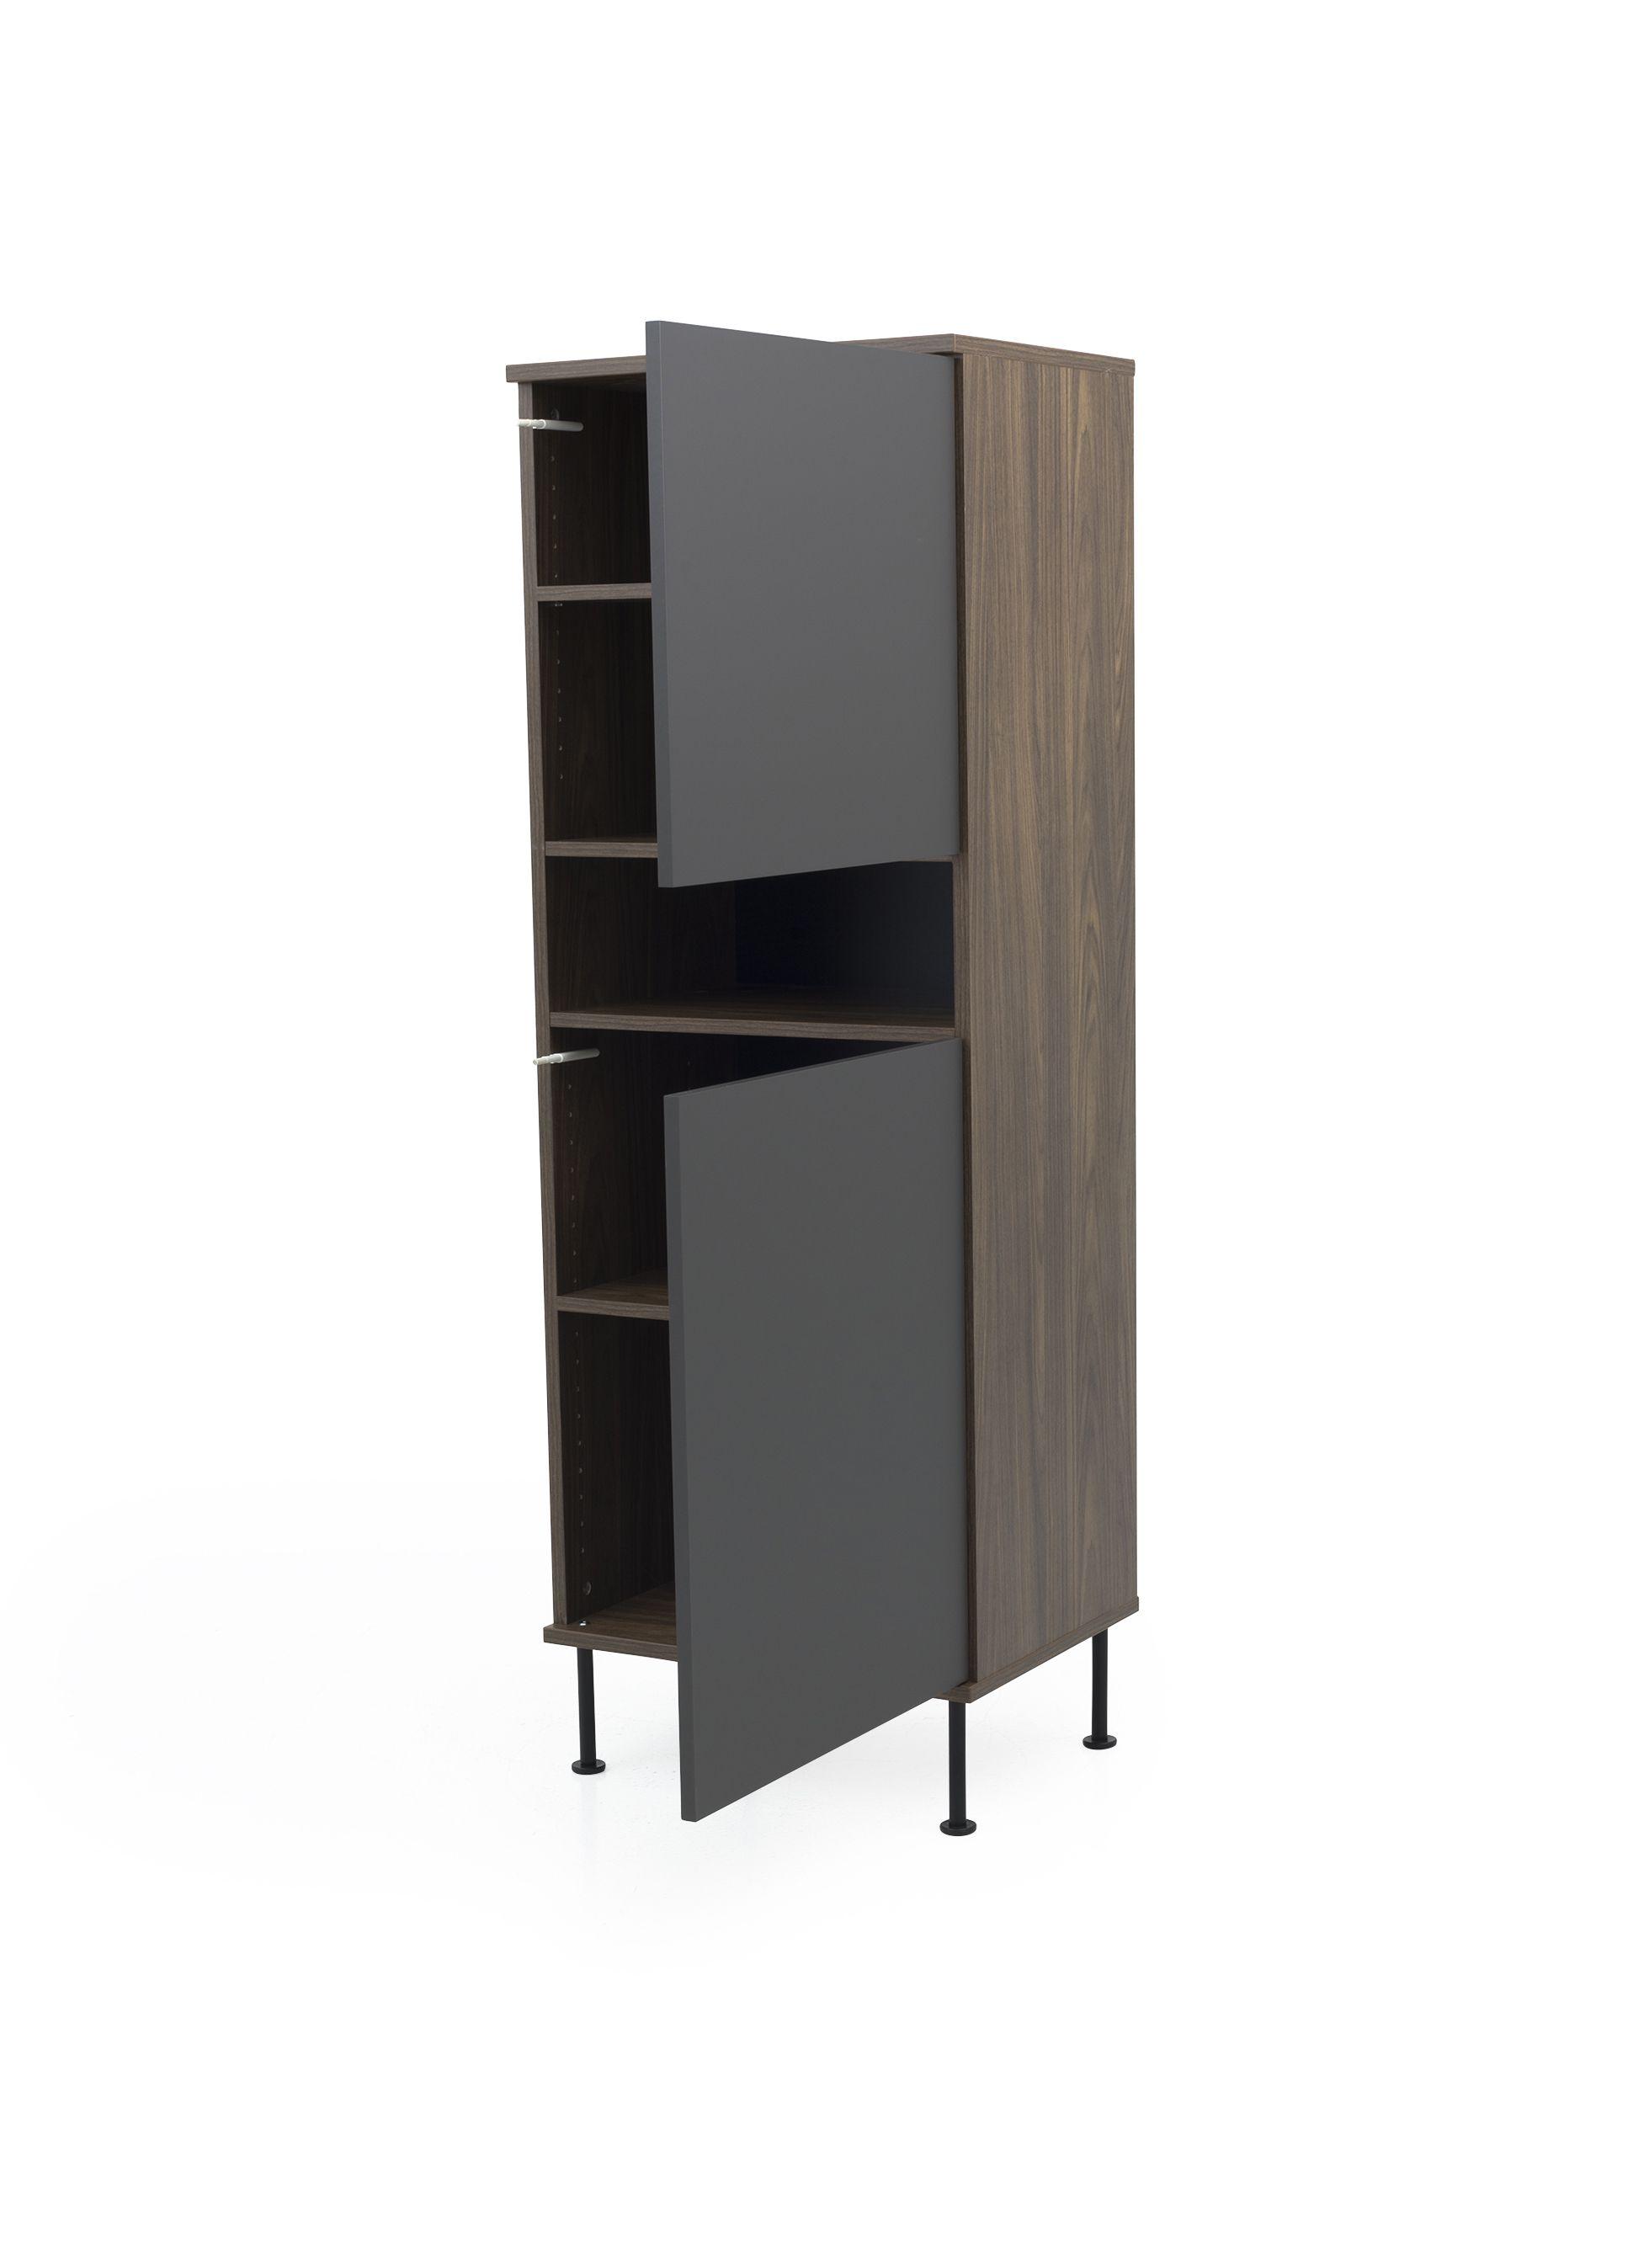 boliden-daxx-cabinet-bergkast-2